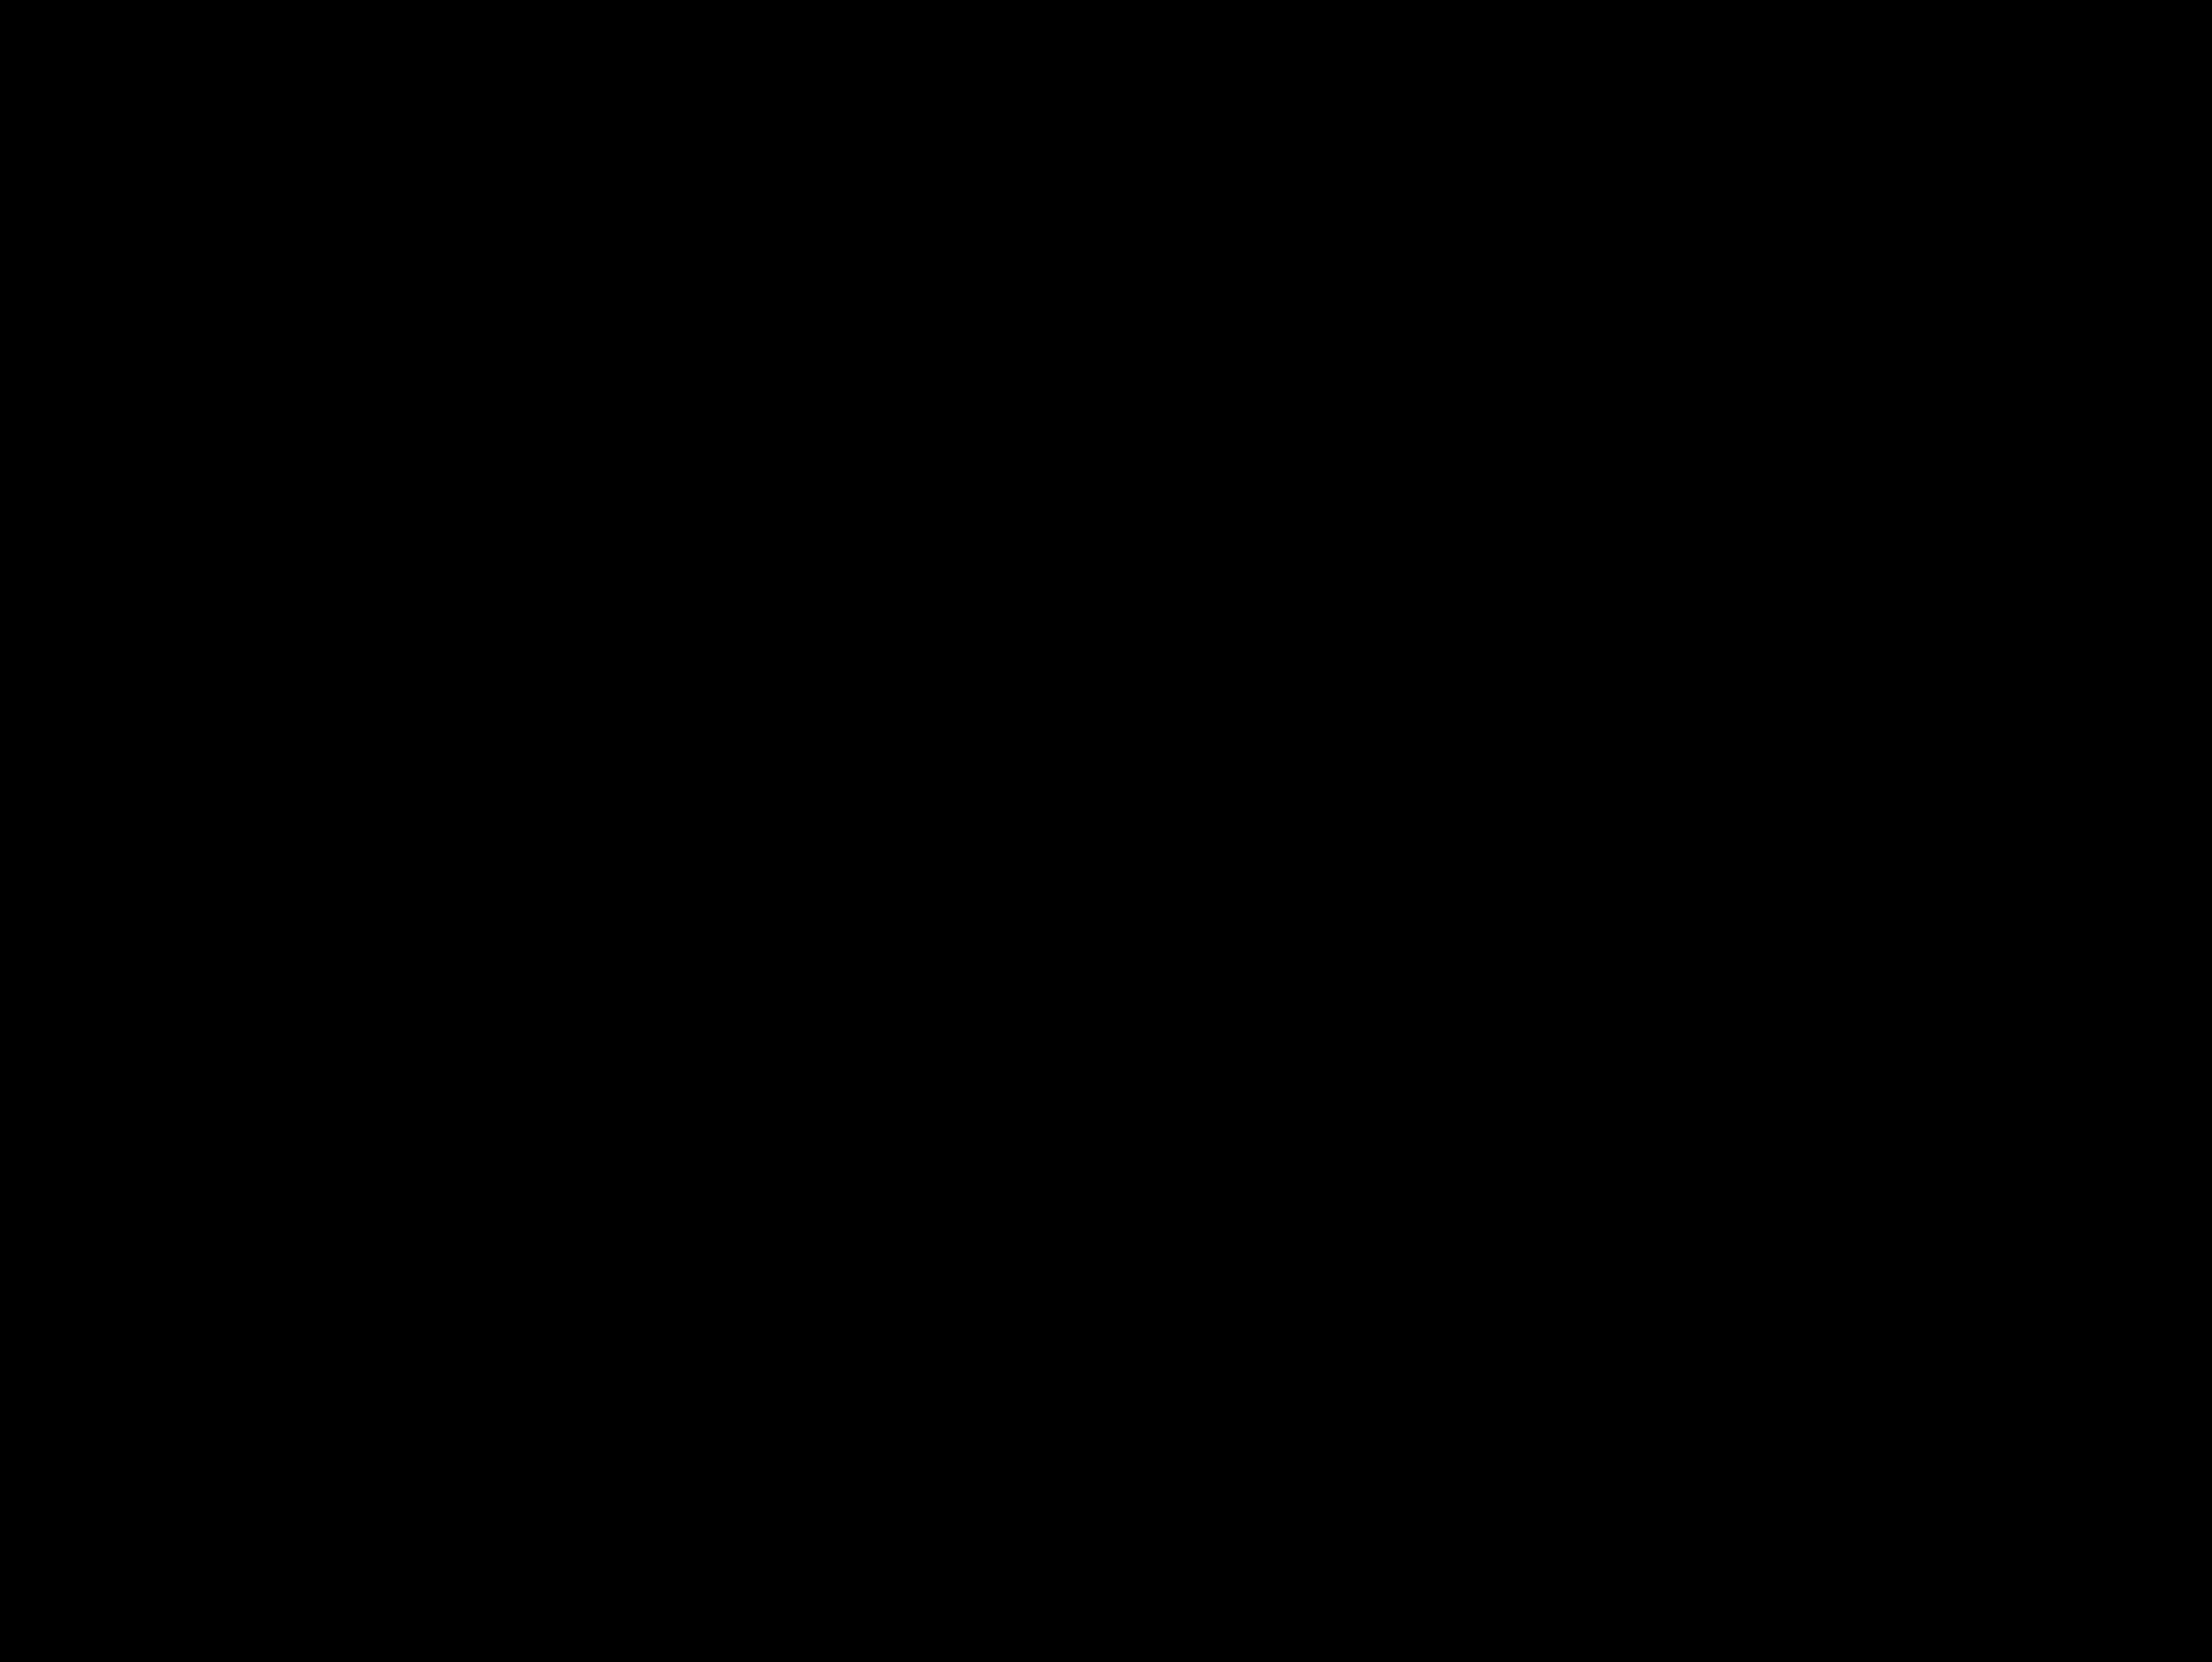 parvati naked